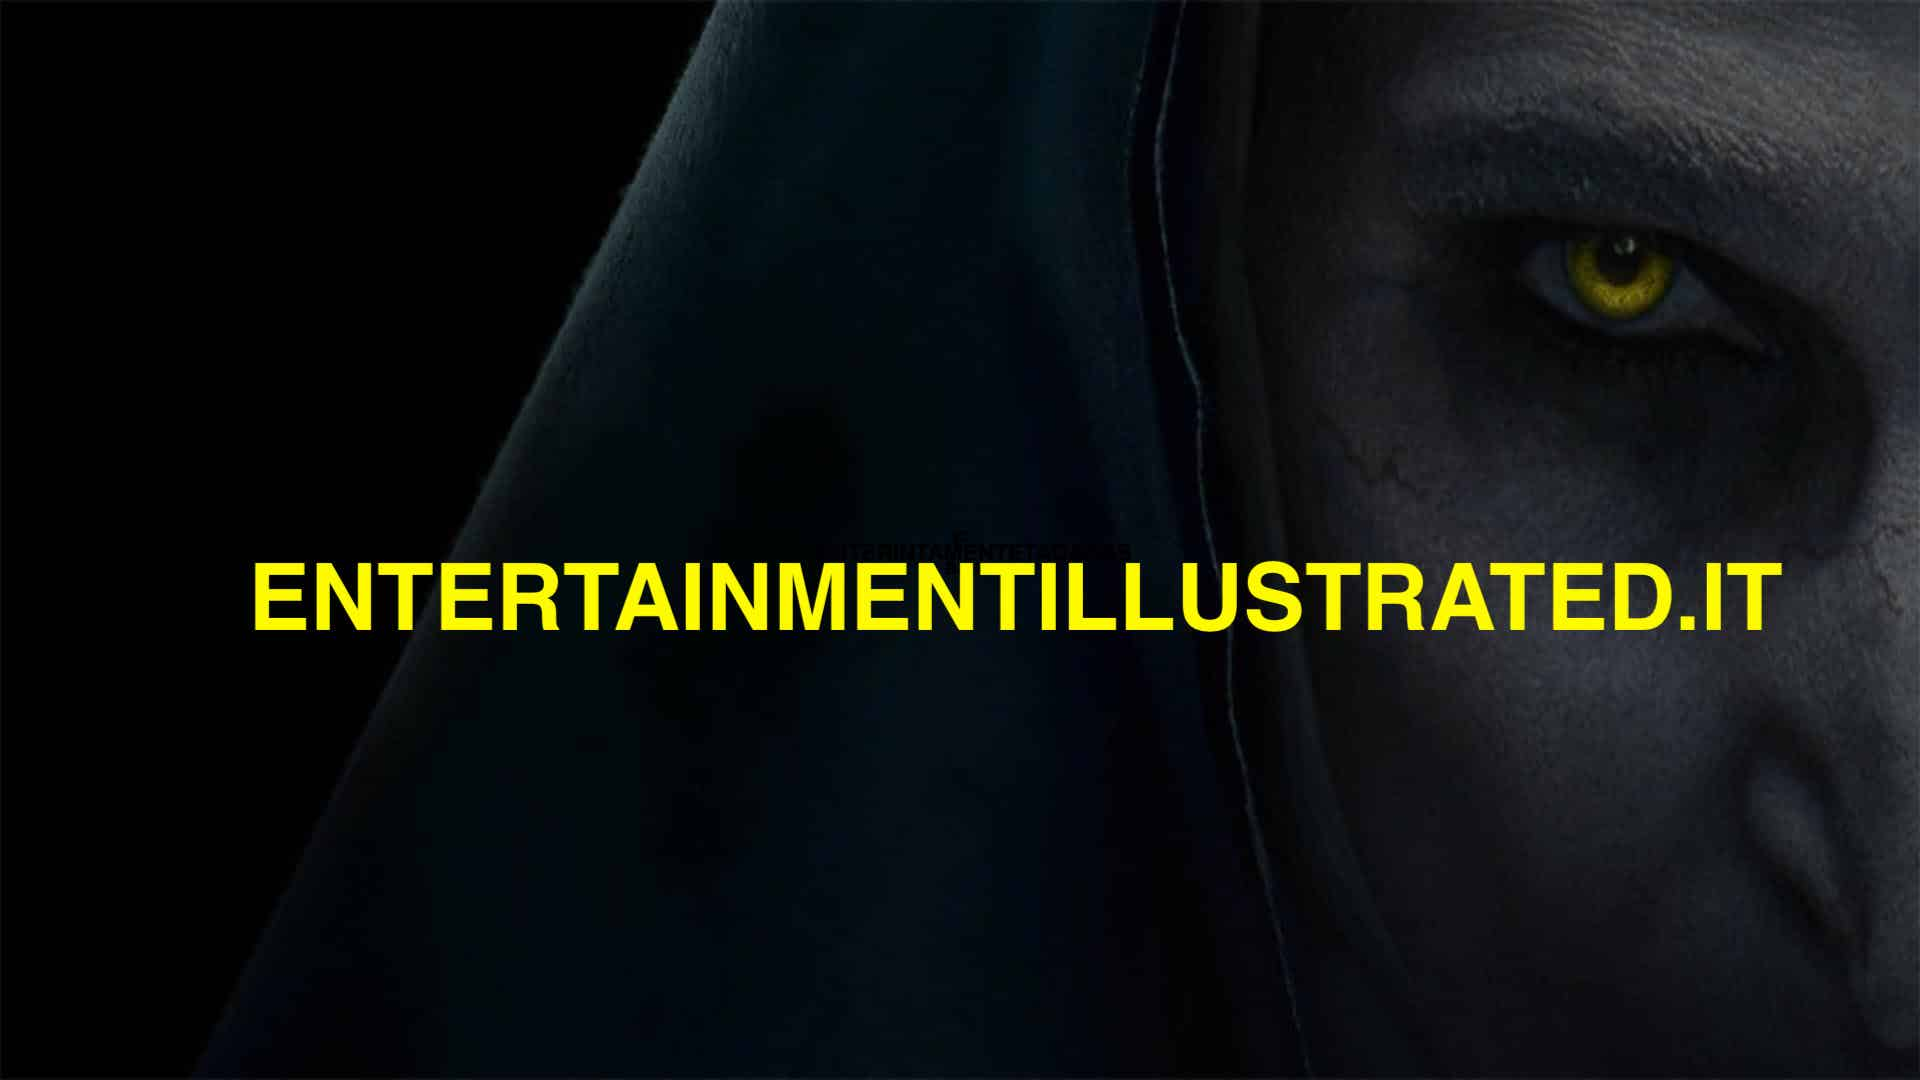 La Casa de Papel, il nuovo fenomeno Netflix